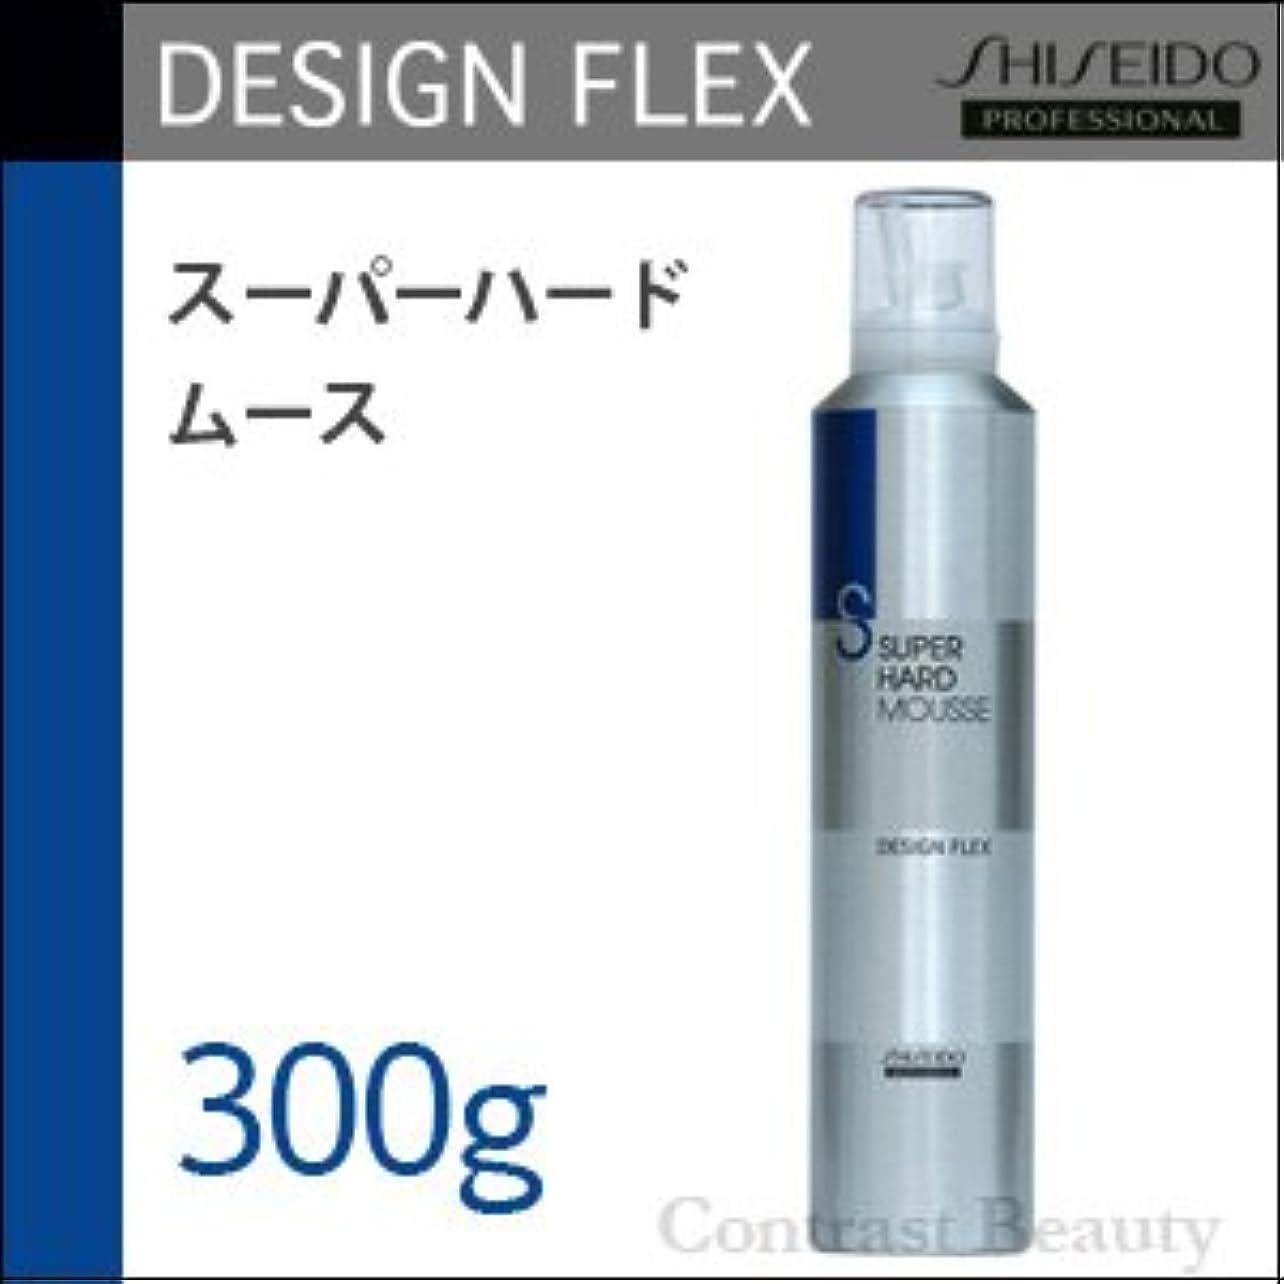 ハイランド具体的にたまに【x2個セット】 資生堂 デザインフレックス スーパーハードムース 300g